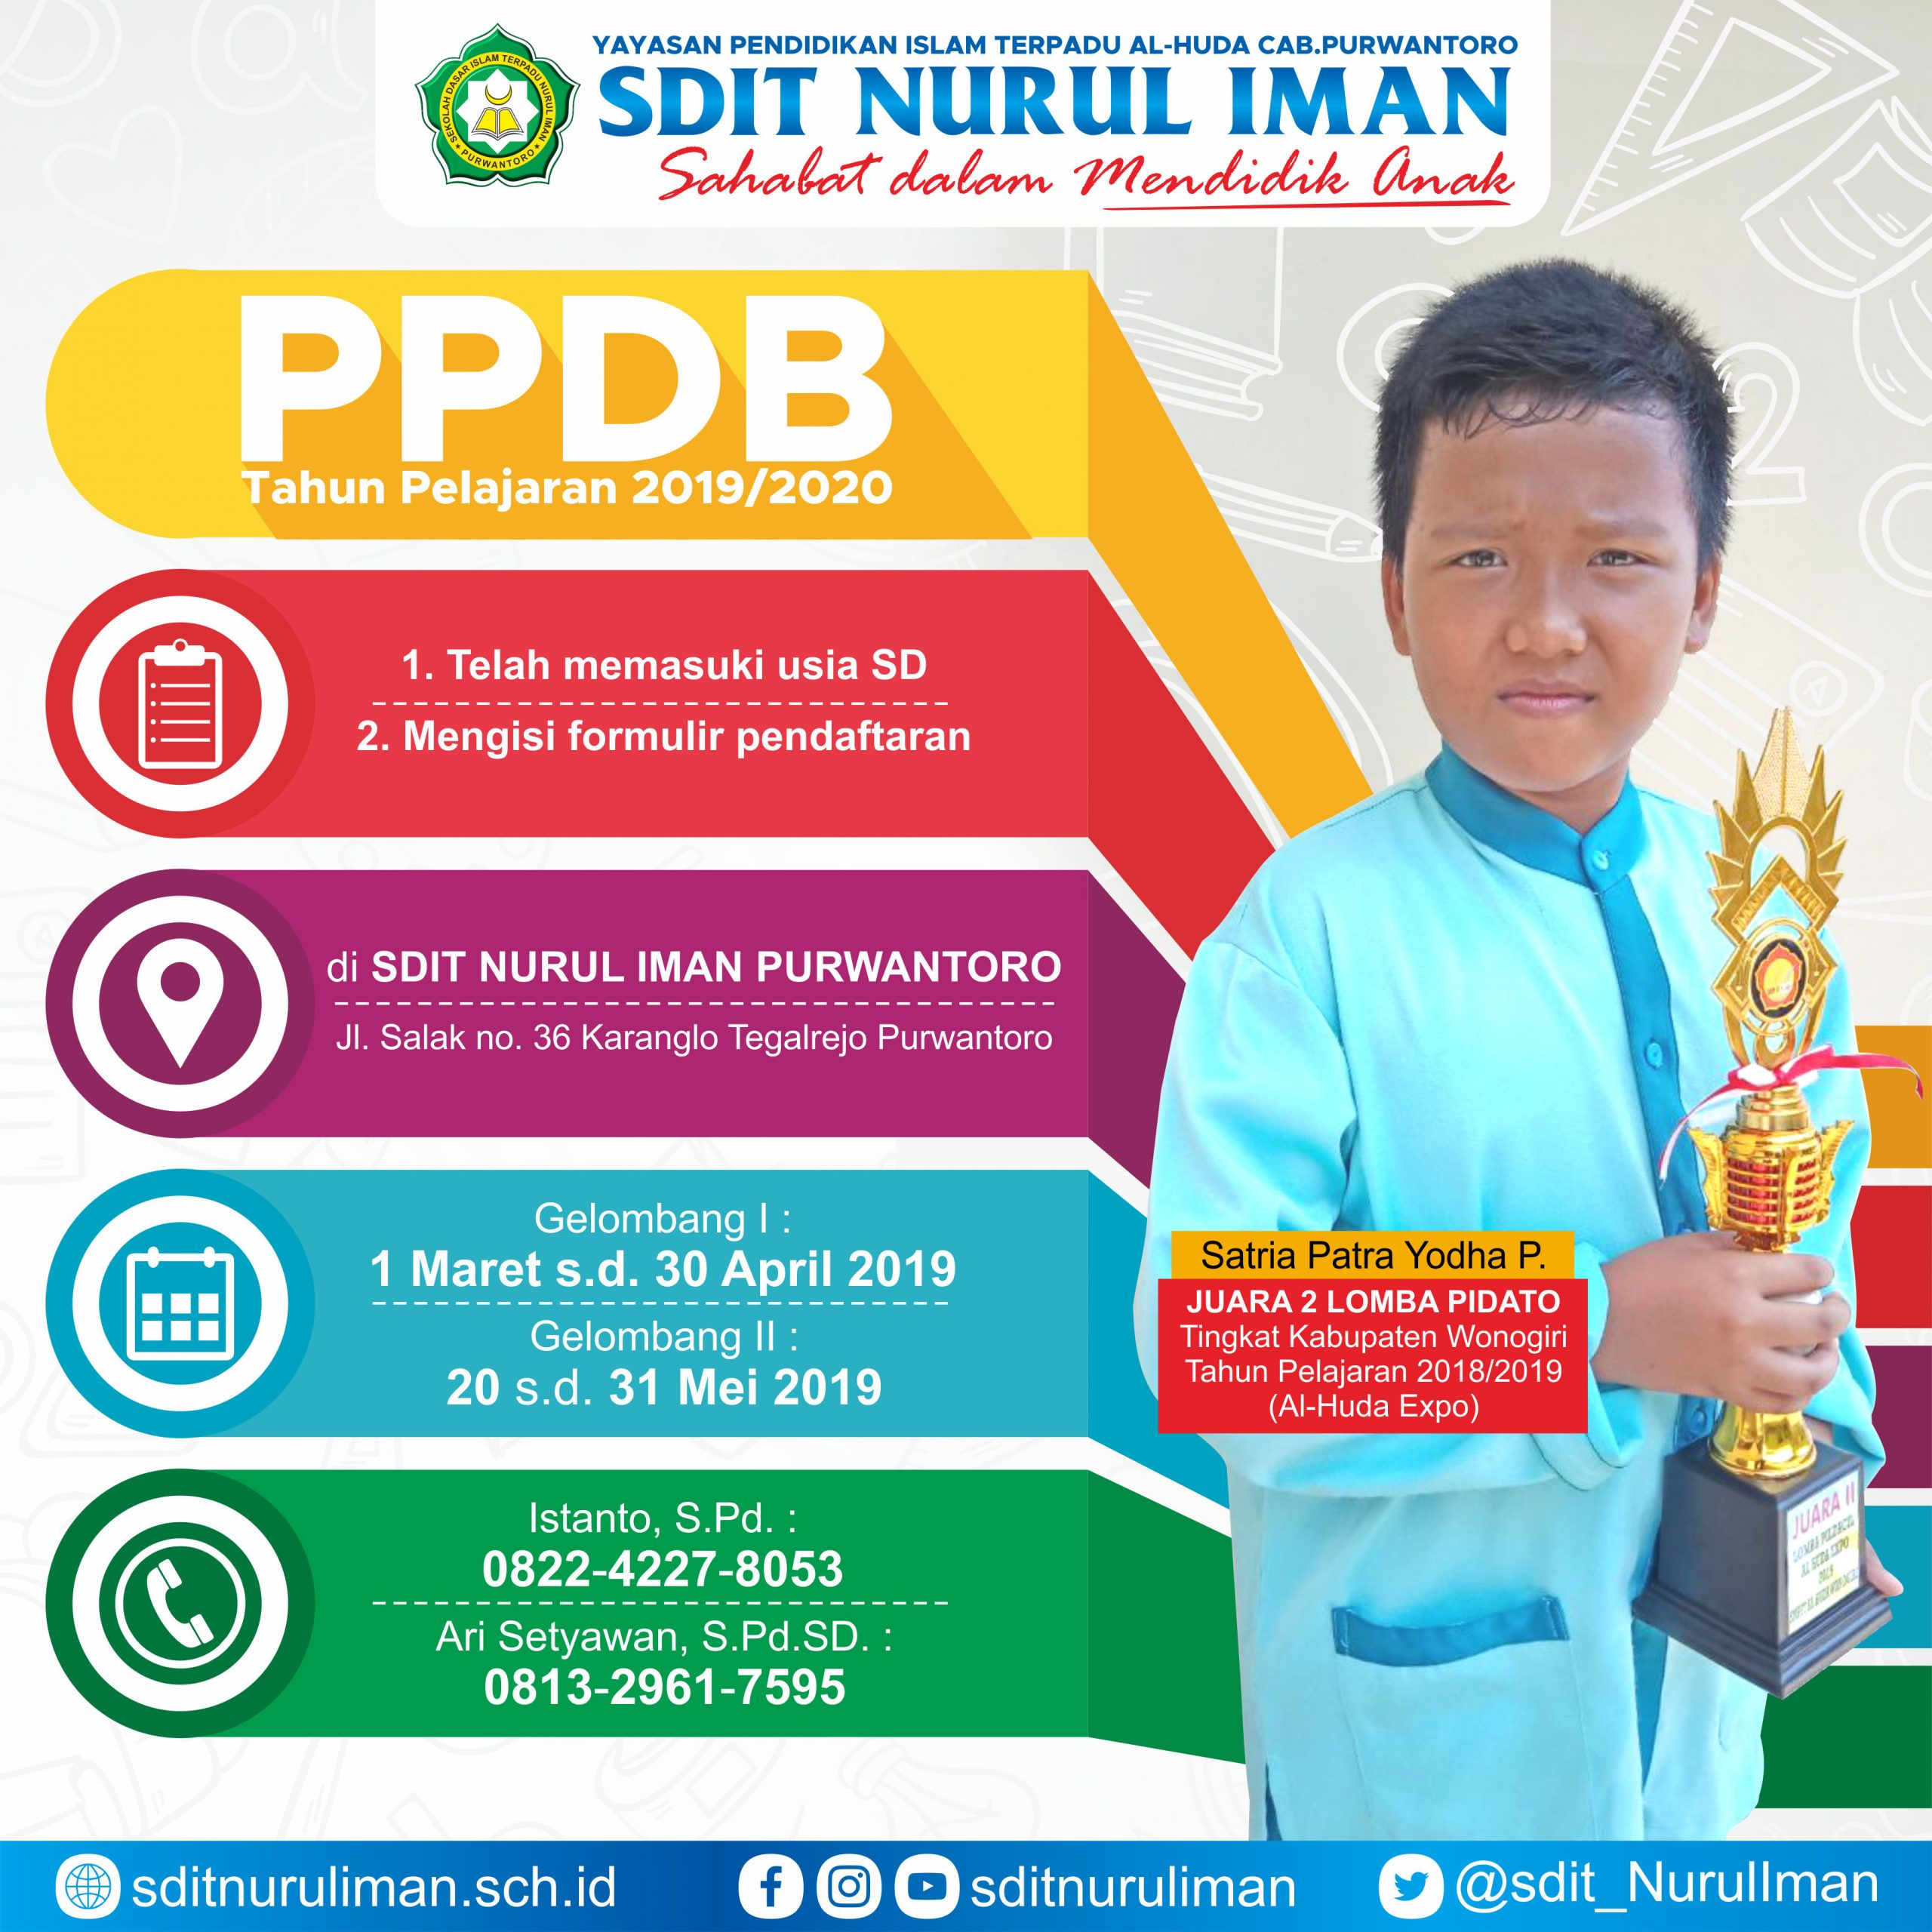 PPDB Tahun Pelajaran 2019/2020